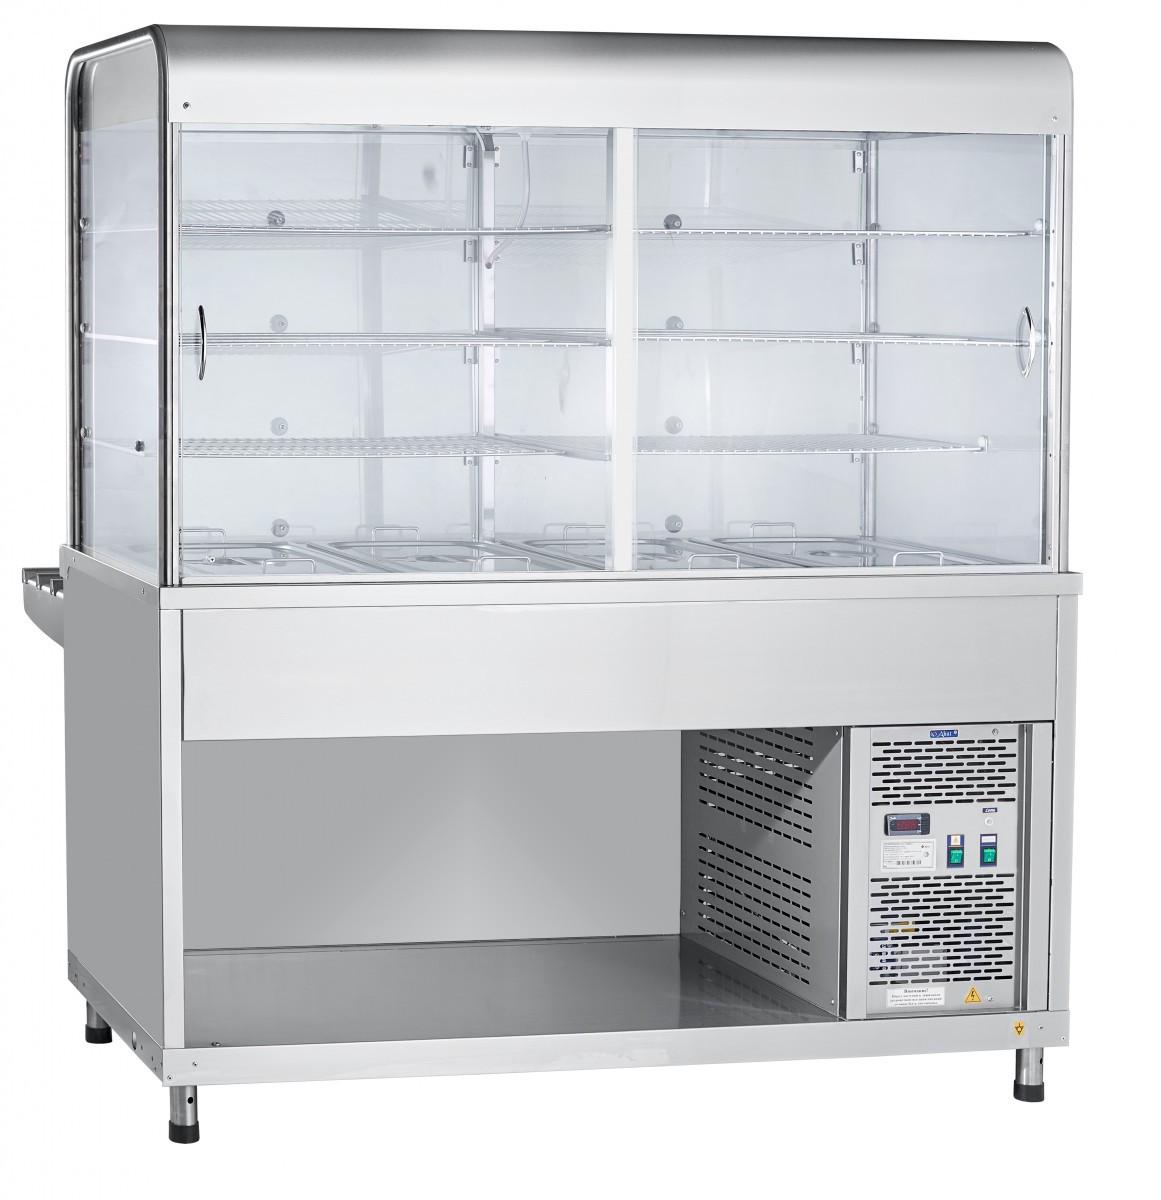 Прилавок-витрина холодильный ПВВ(Н)-70КМ-С-03-НШ вся нерж. с гастроемкостями (1500 мм)